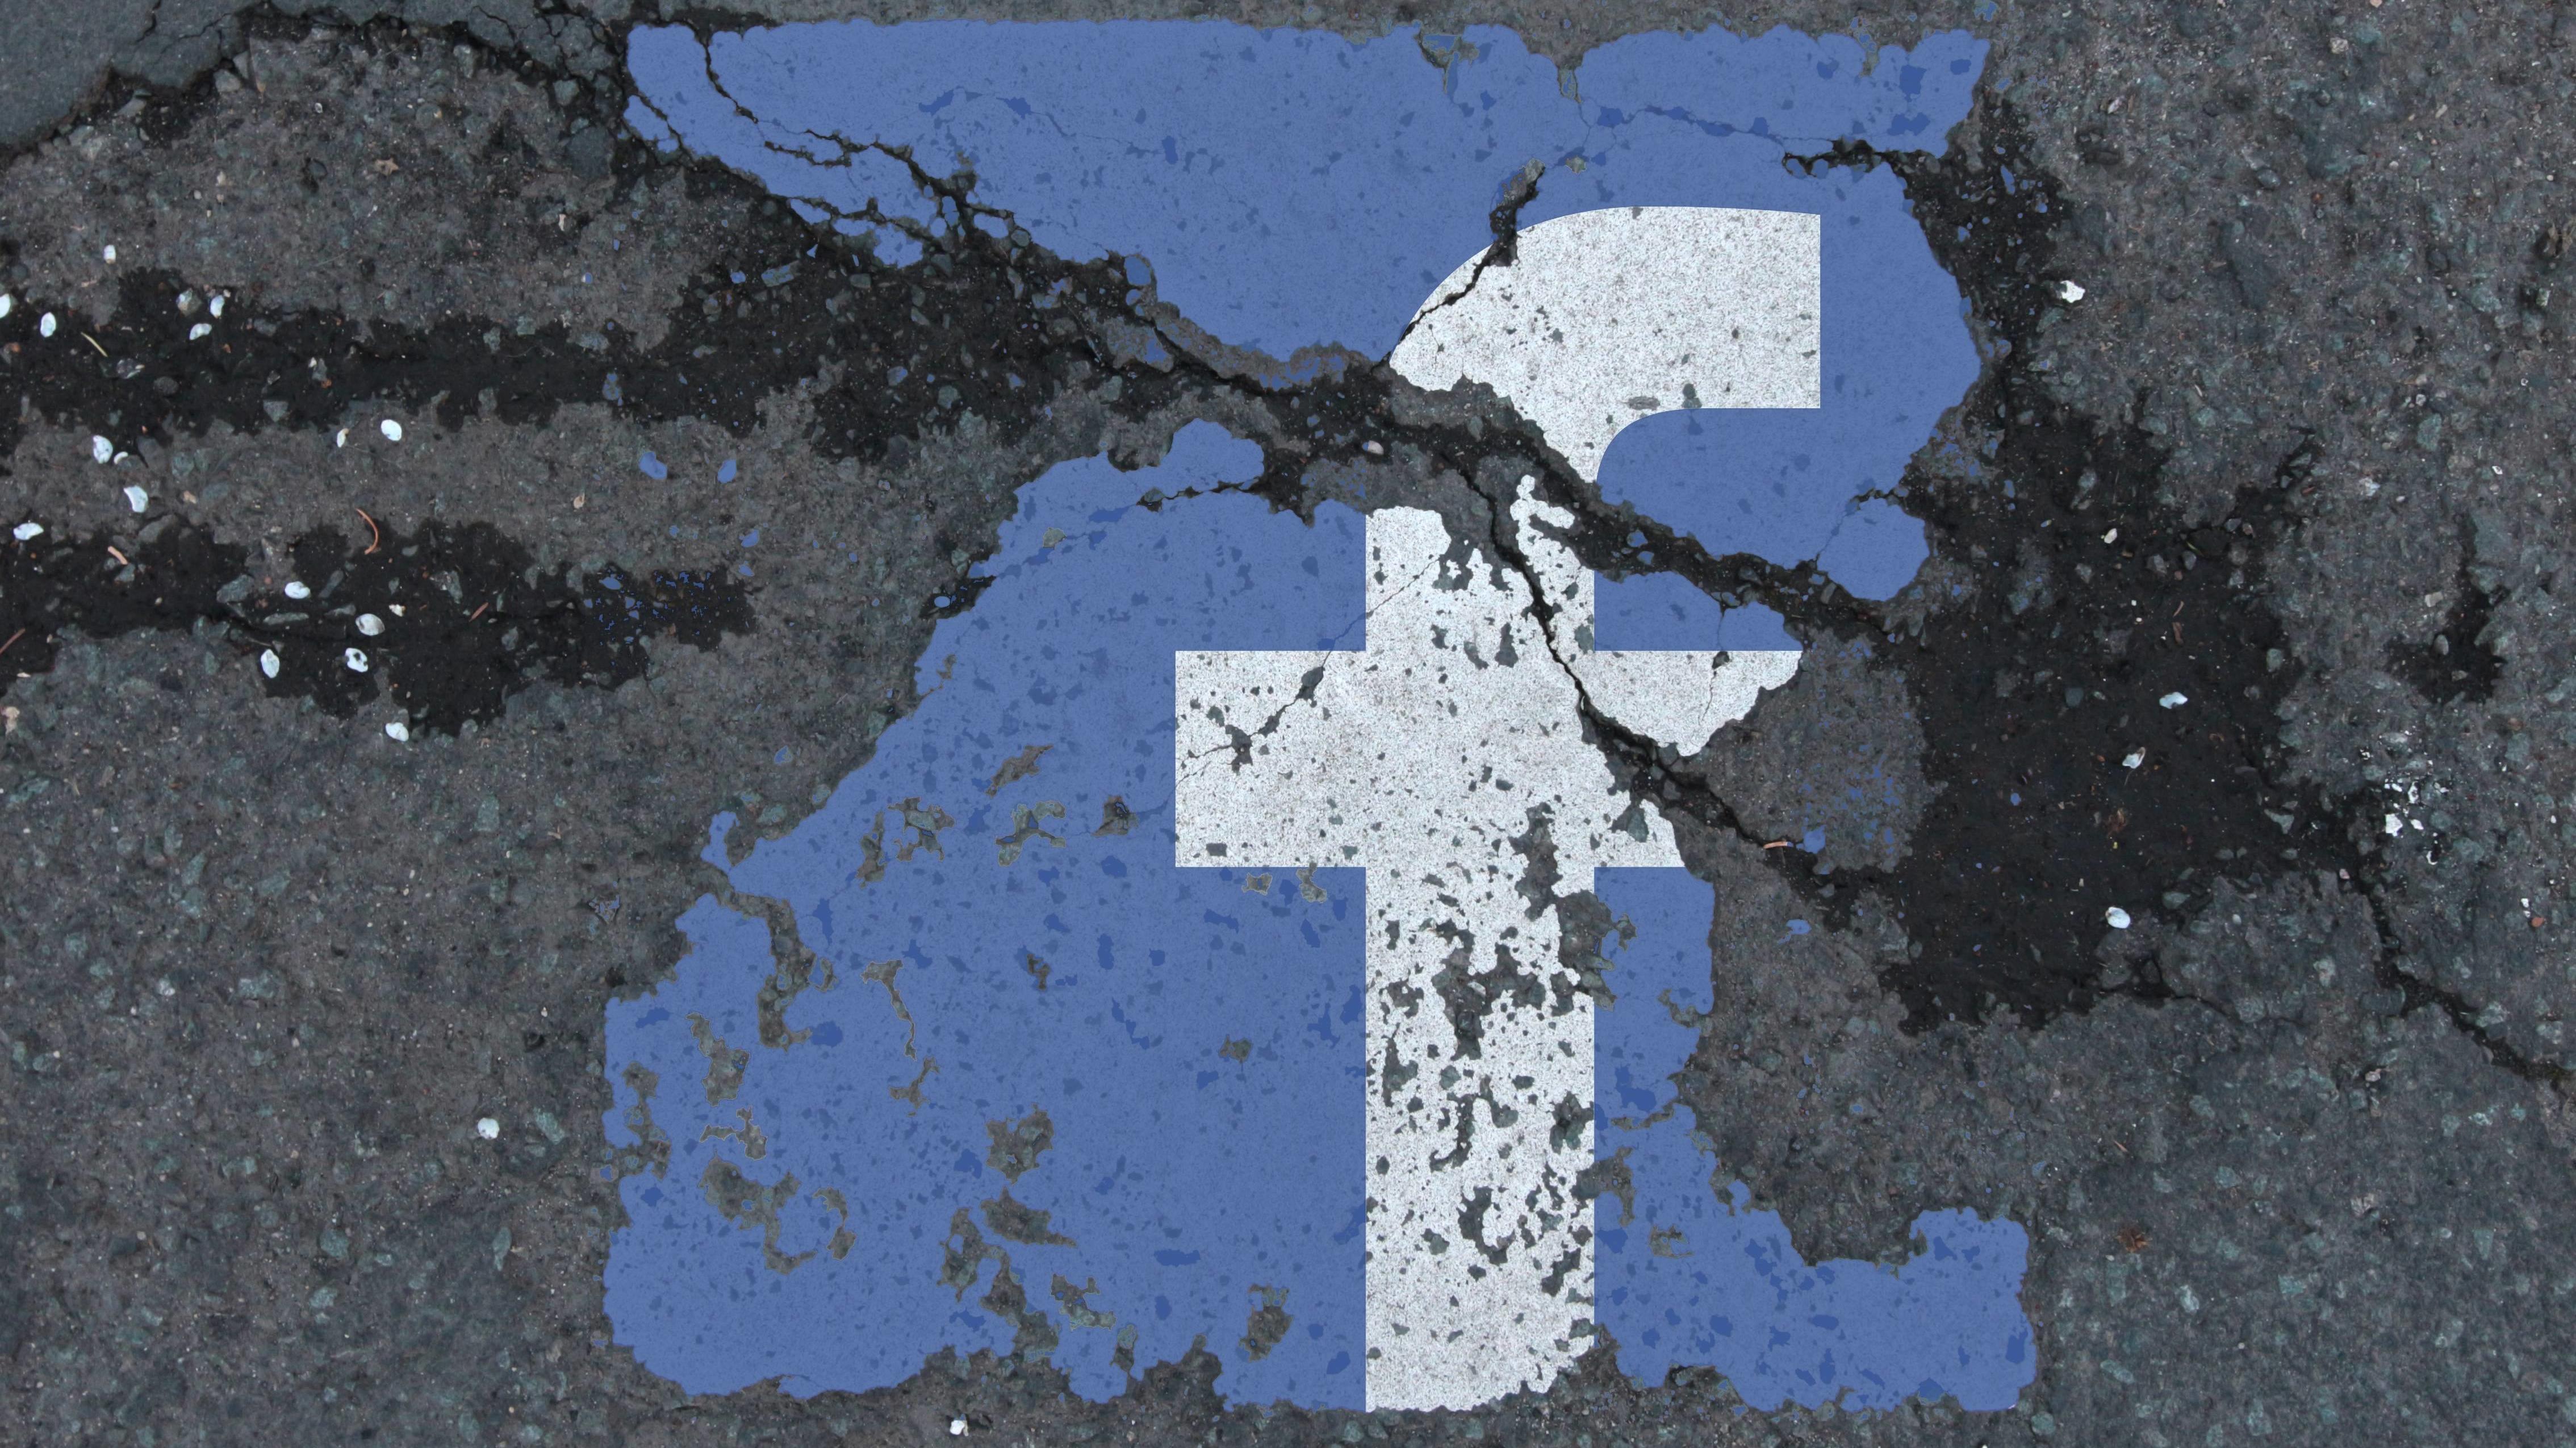 Symbolbild Facebook vs Datenschutz: Risse im Straßenbelag mit erodiertem Facebook Logo